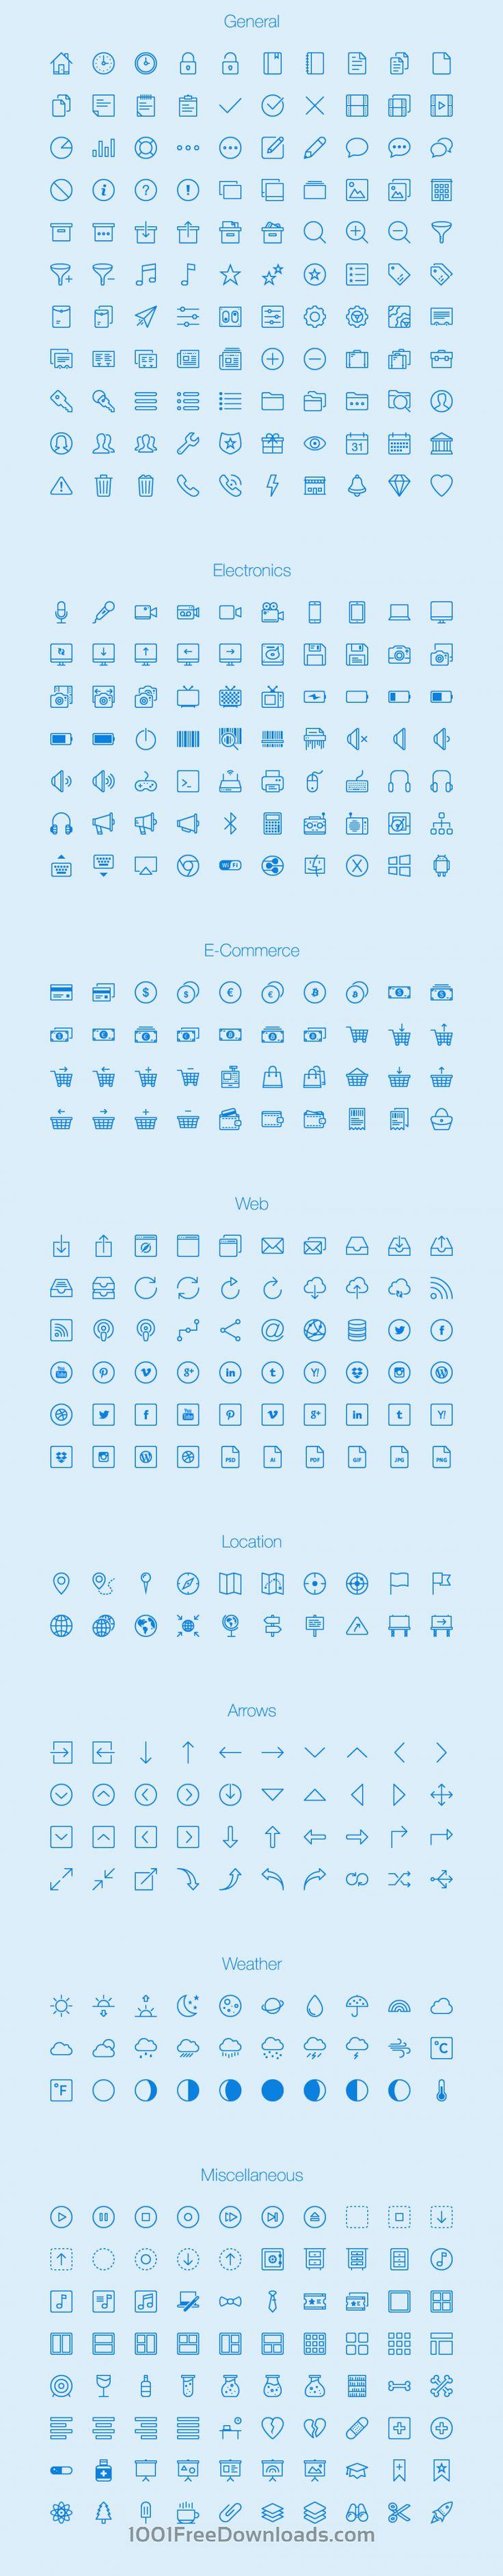 Free Vectors: Lynny Icons - Full   Ai, Eps, Png   (2.9 MB)   1001freedownloads.com